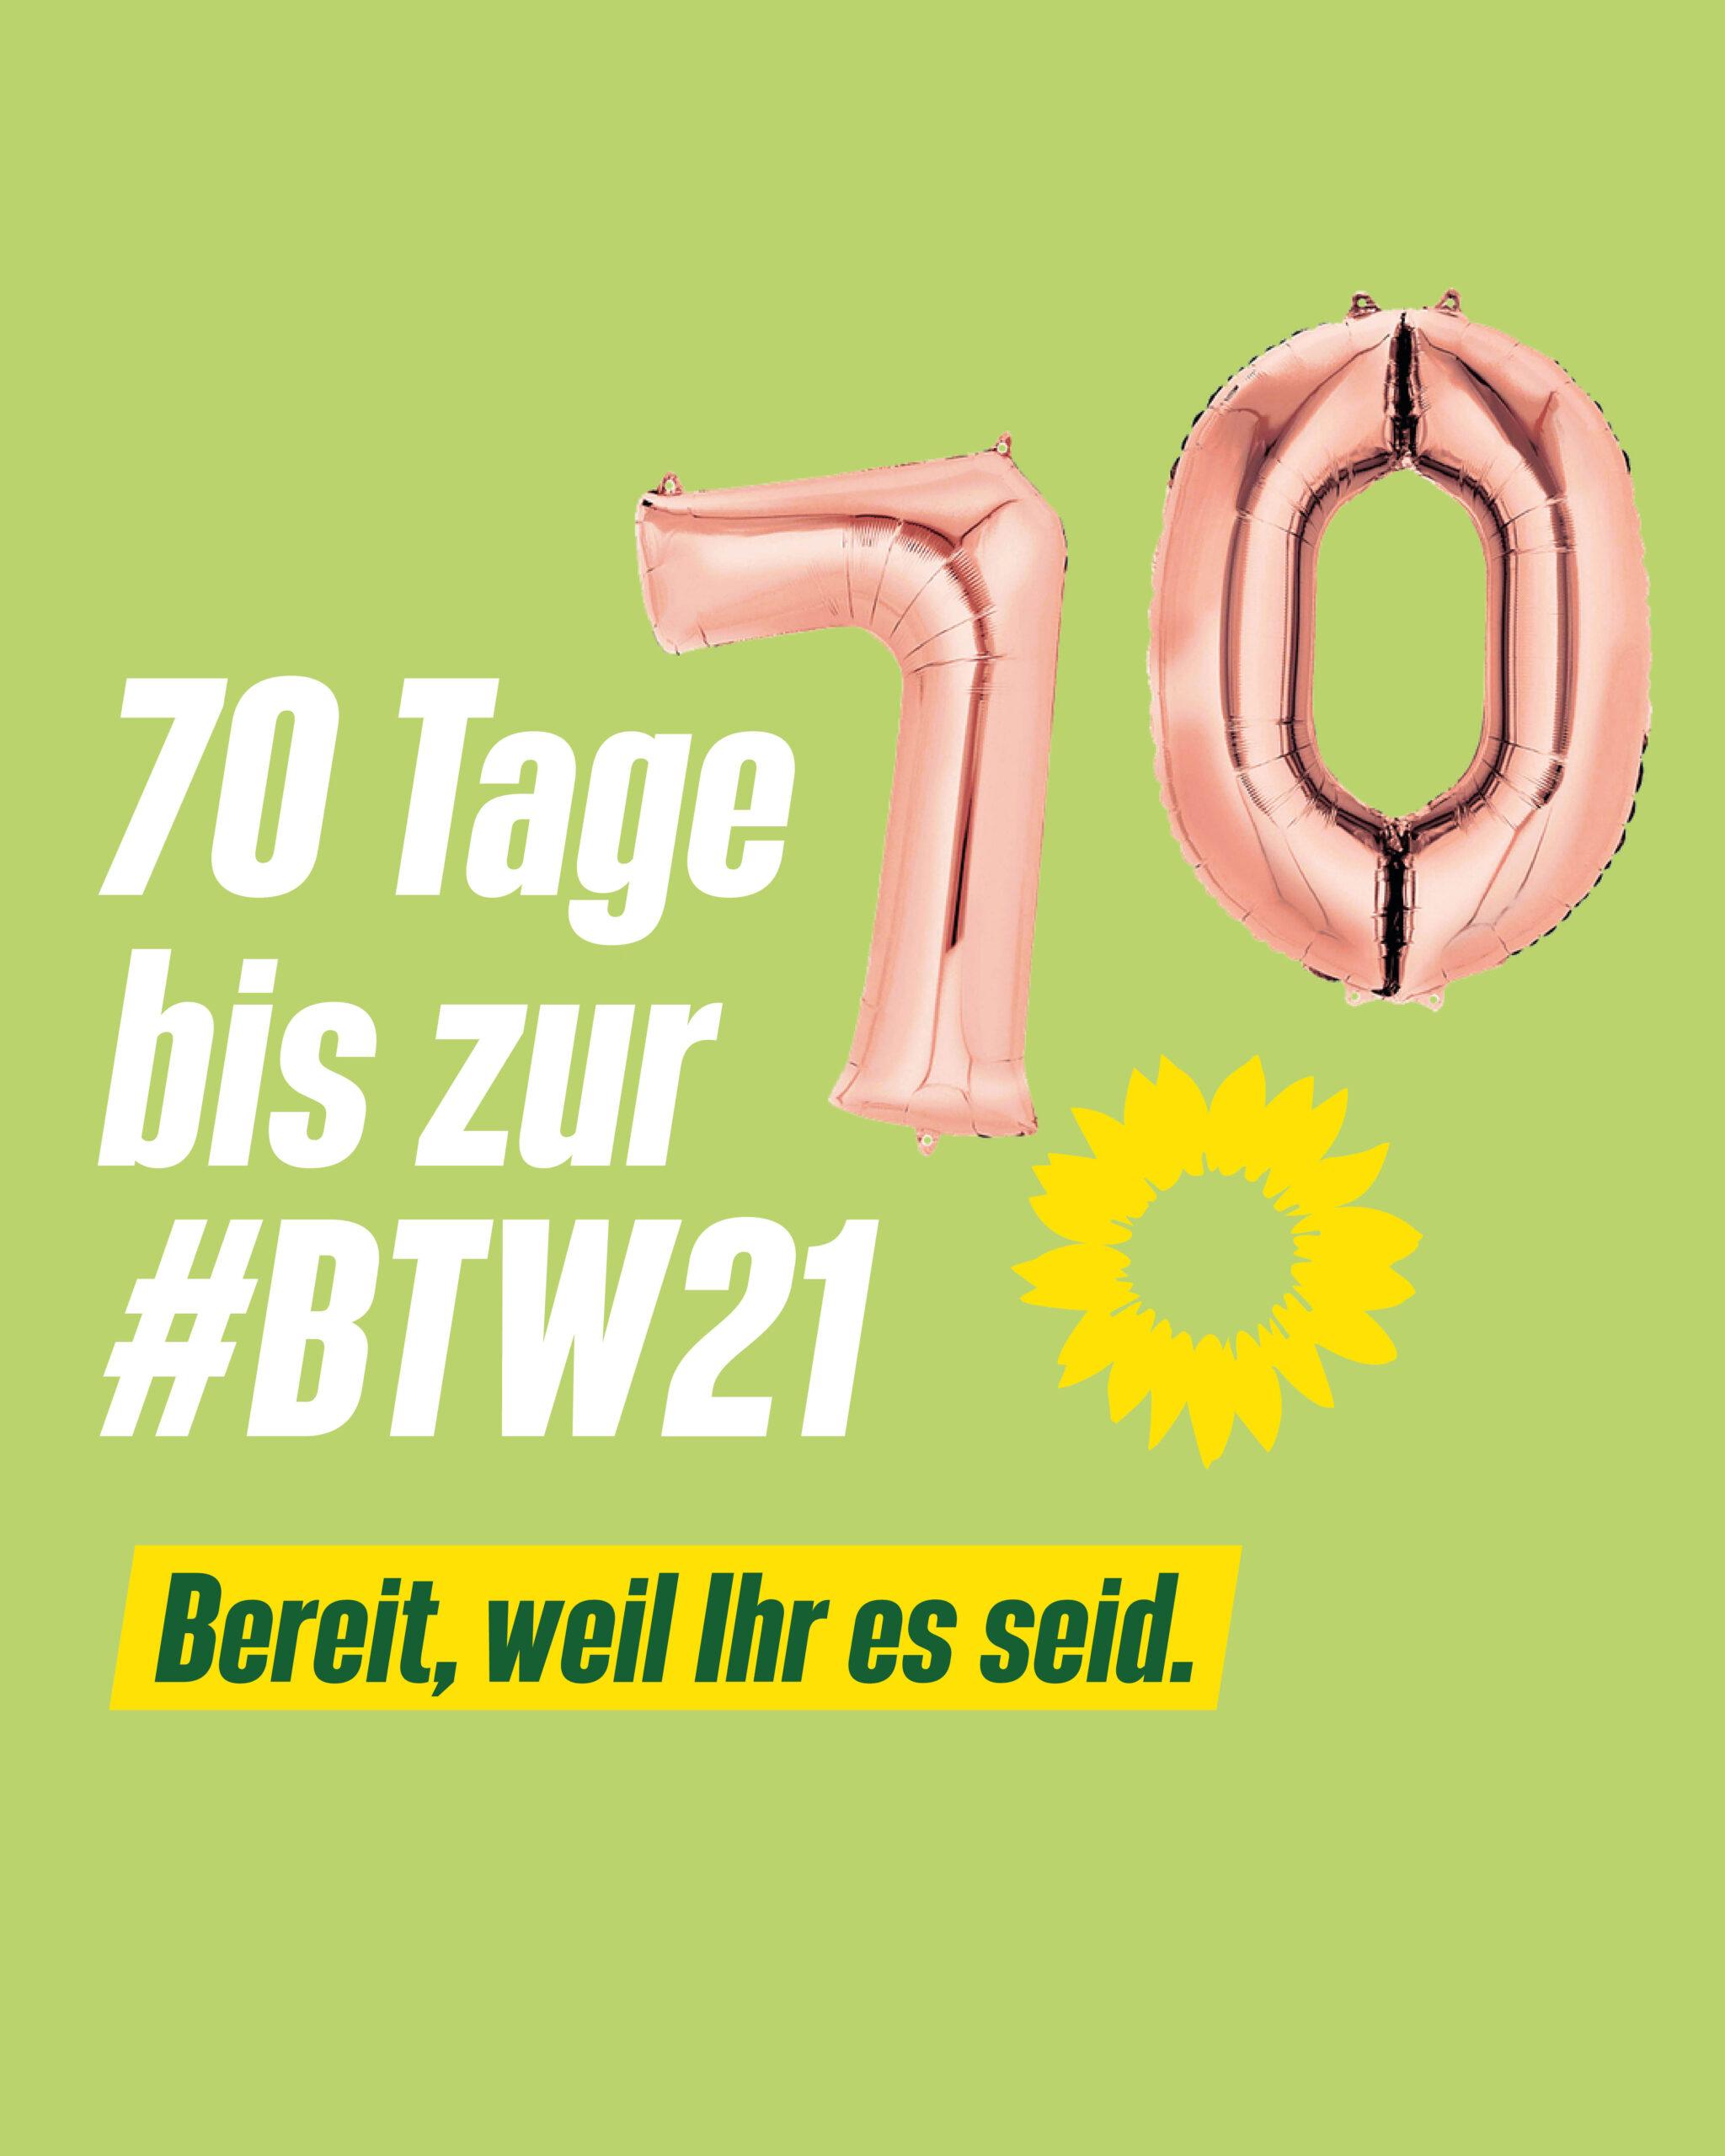 70 Tage bis zur Bundestagswahl